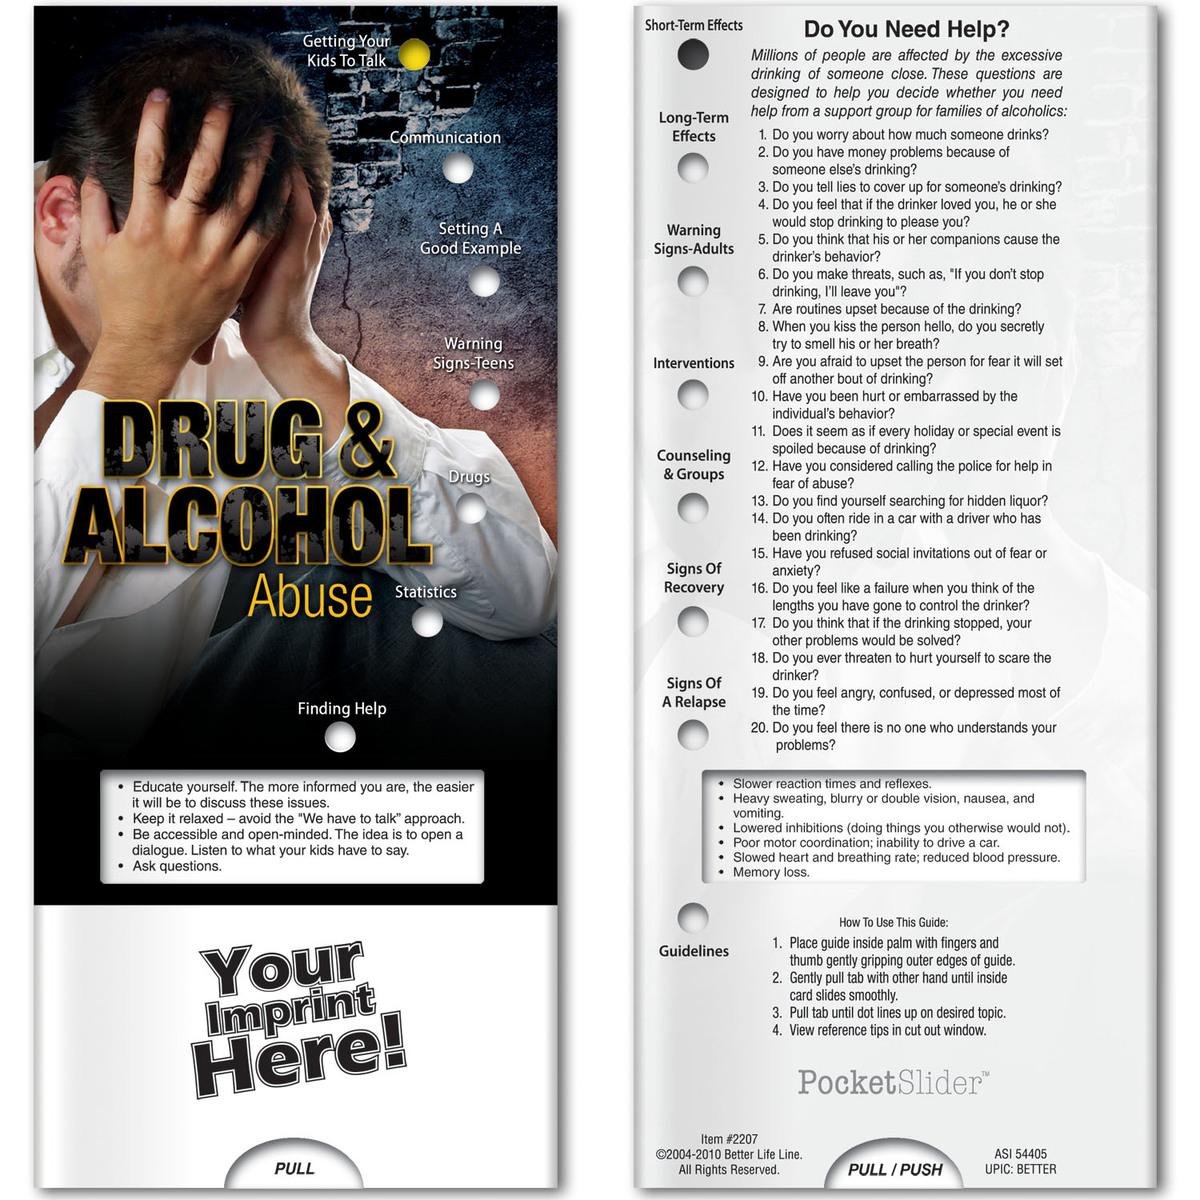 Pocket Slider - Drug and Alcohol Abuse